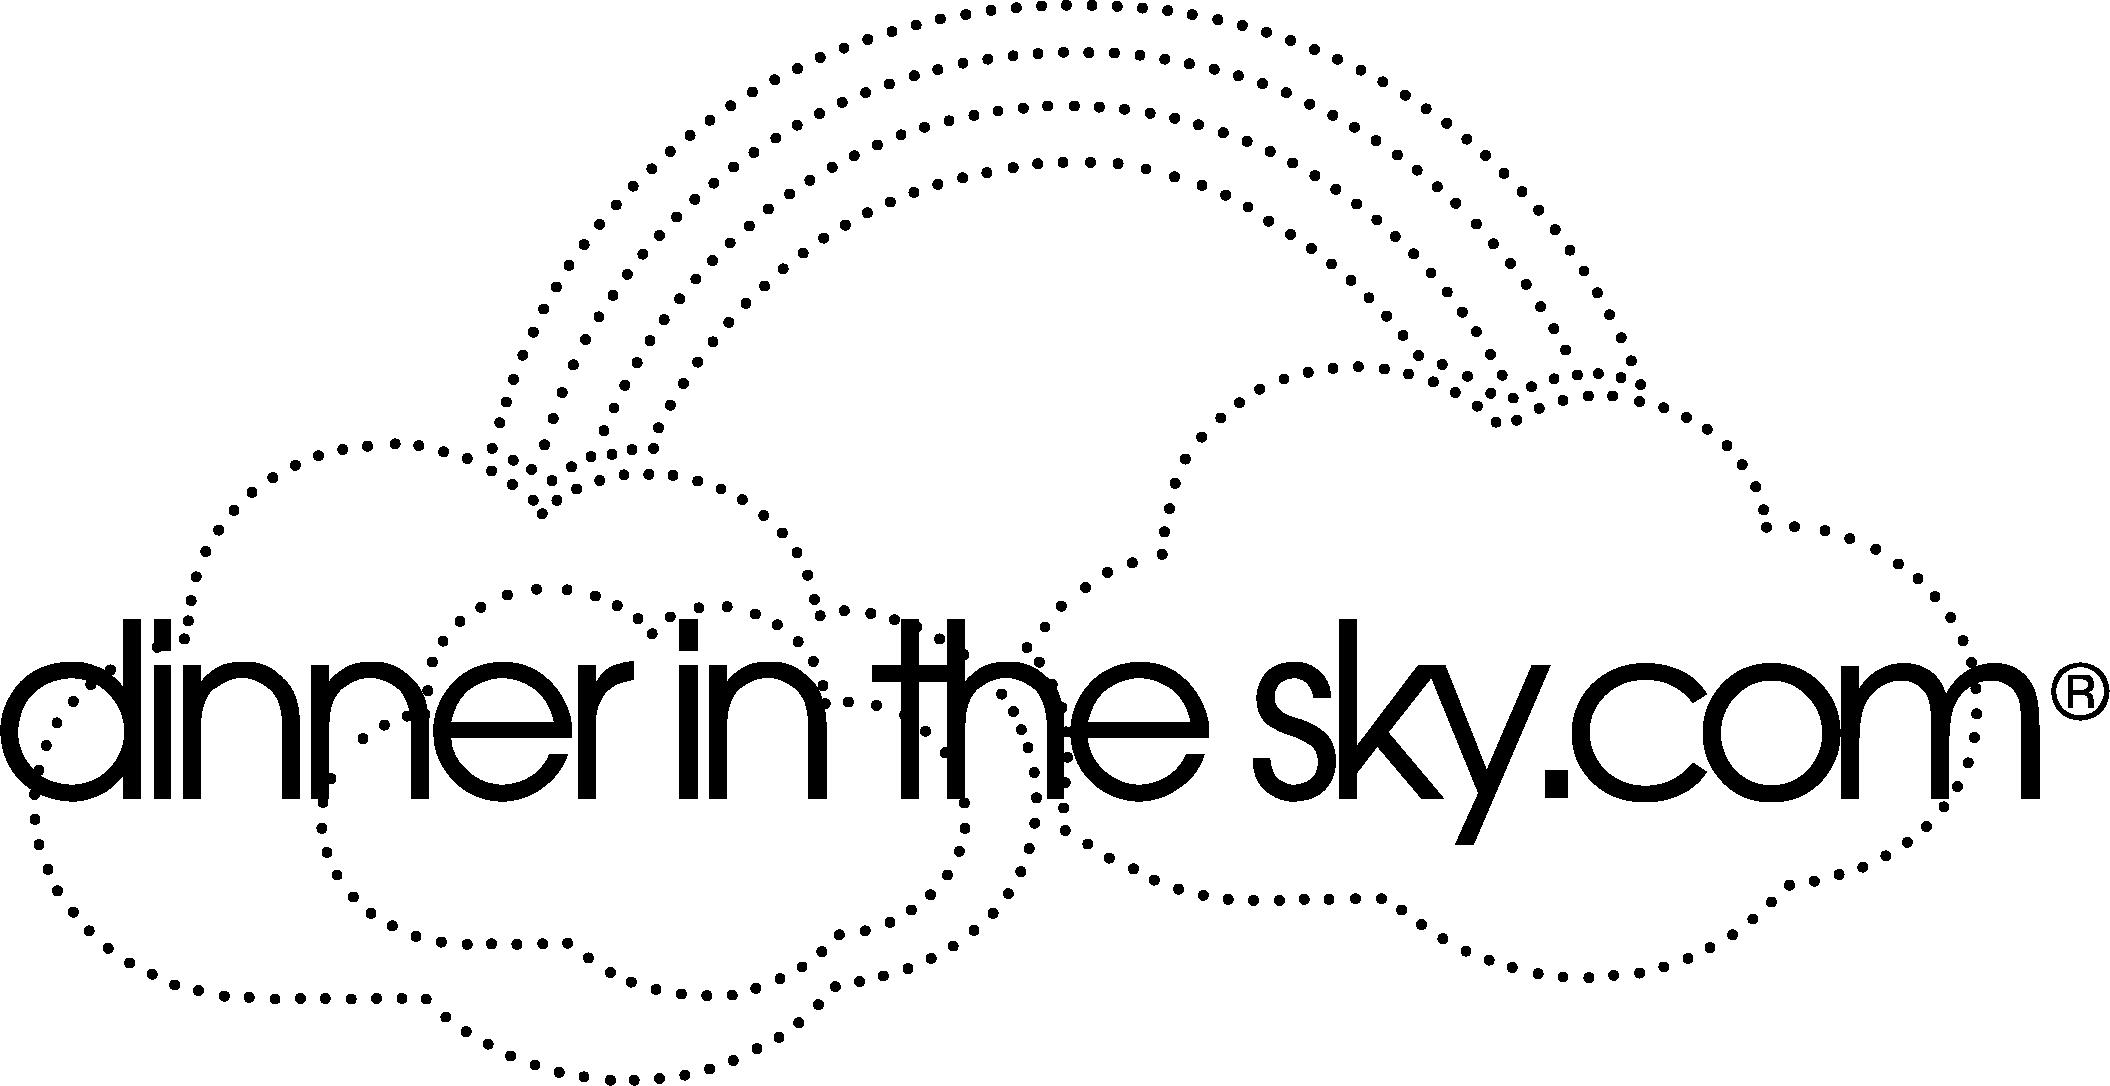 Logo klant van White Light: Dinner in the sky